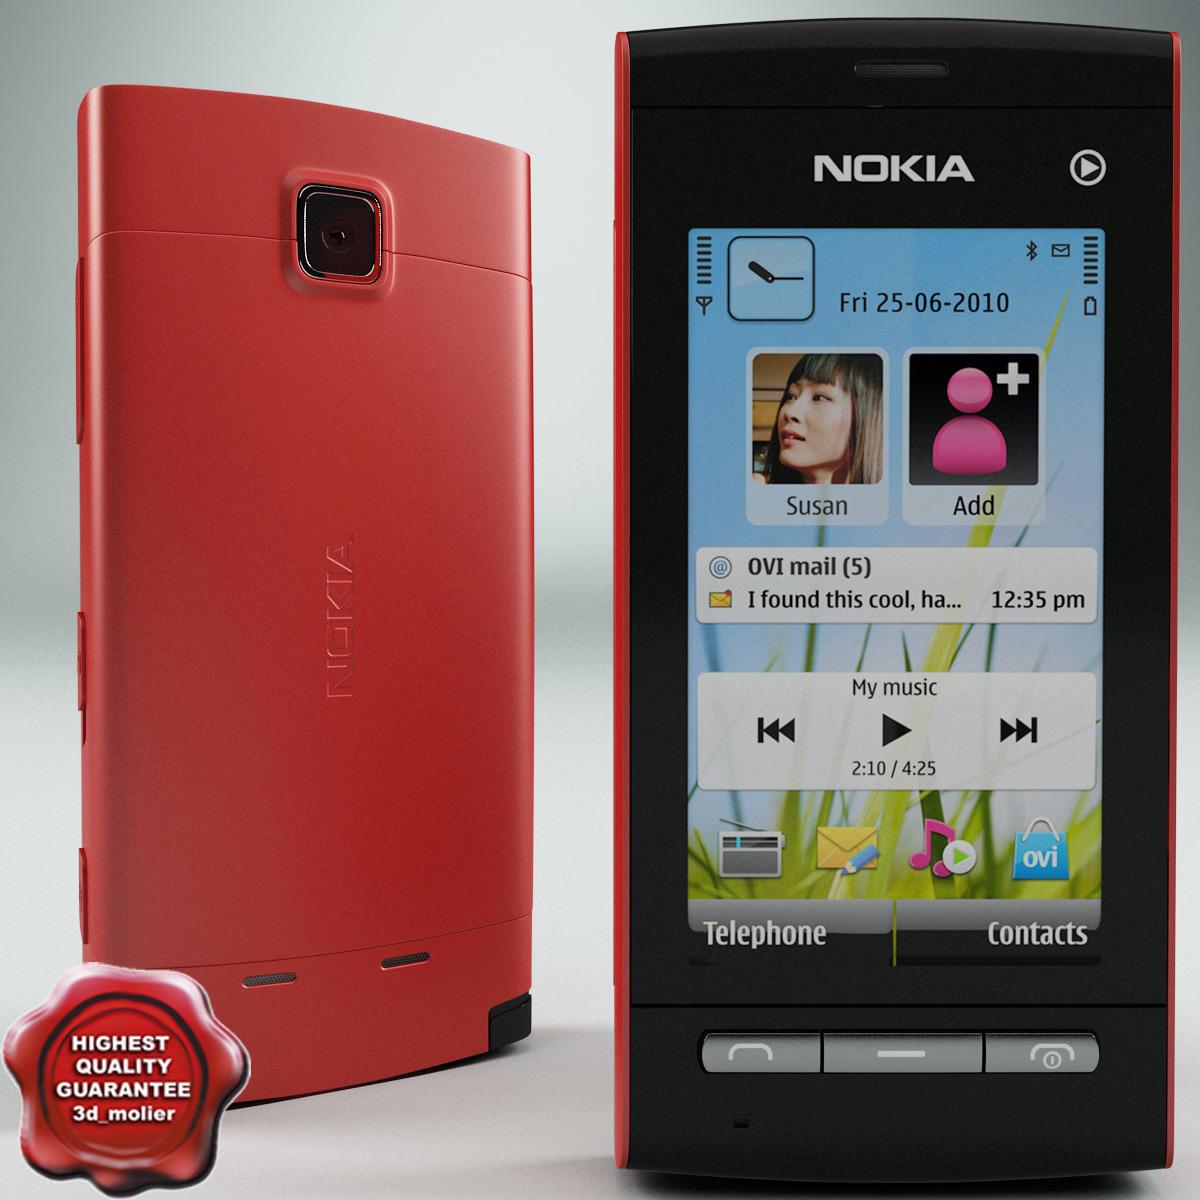 Nokia_5250_red_00.jpg